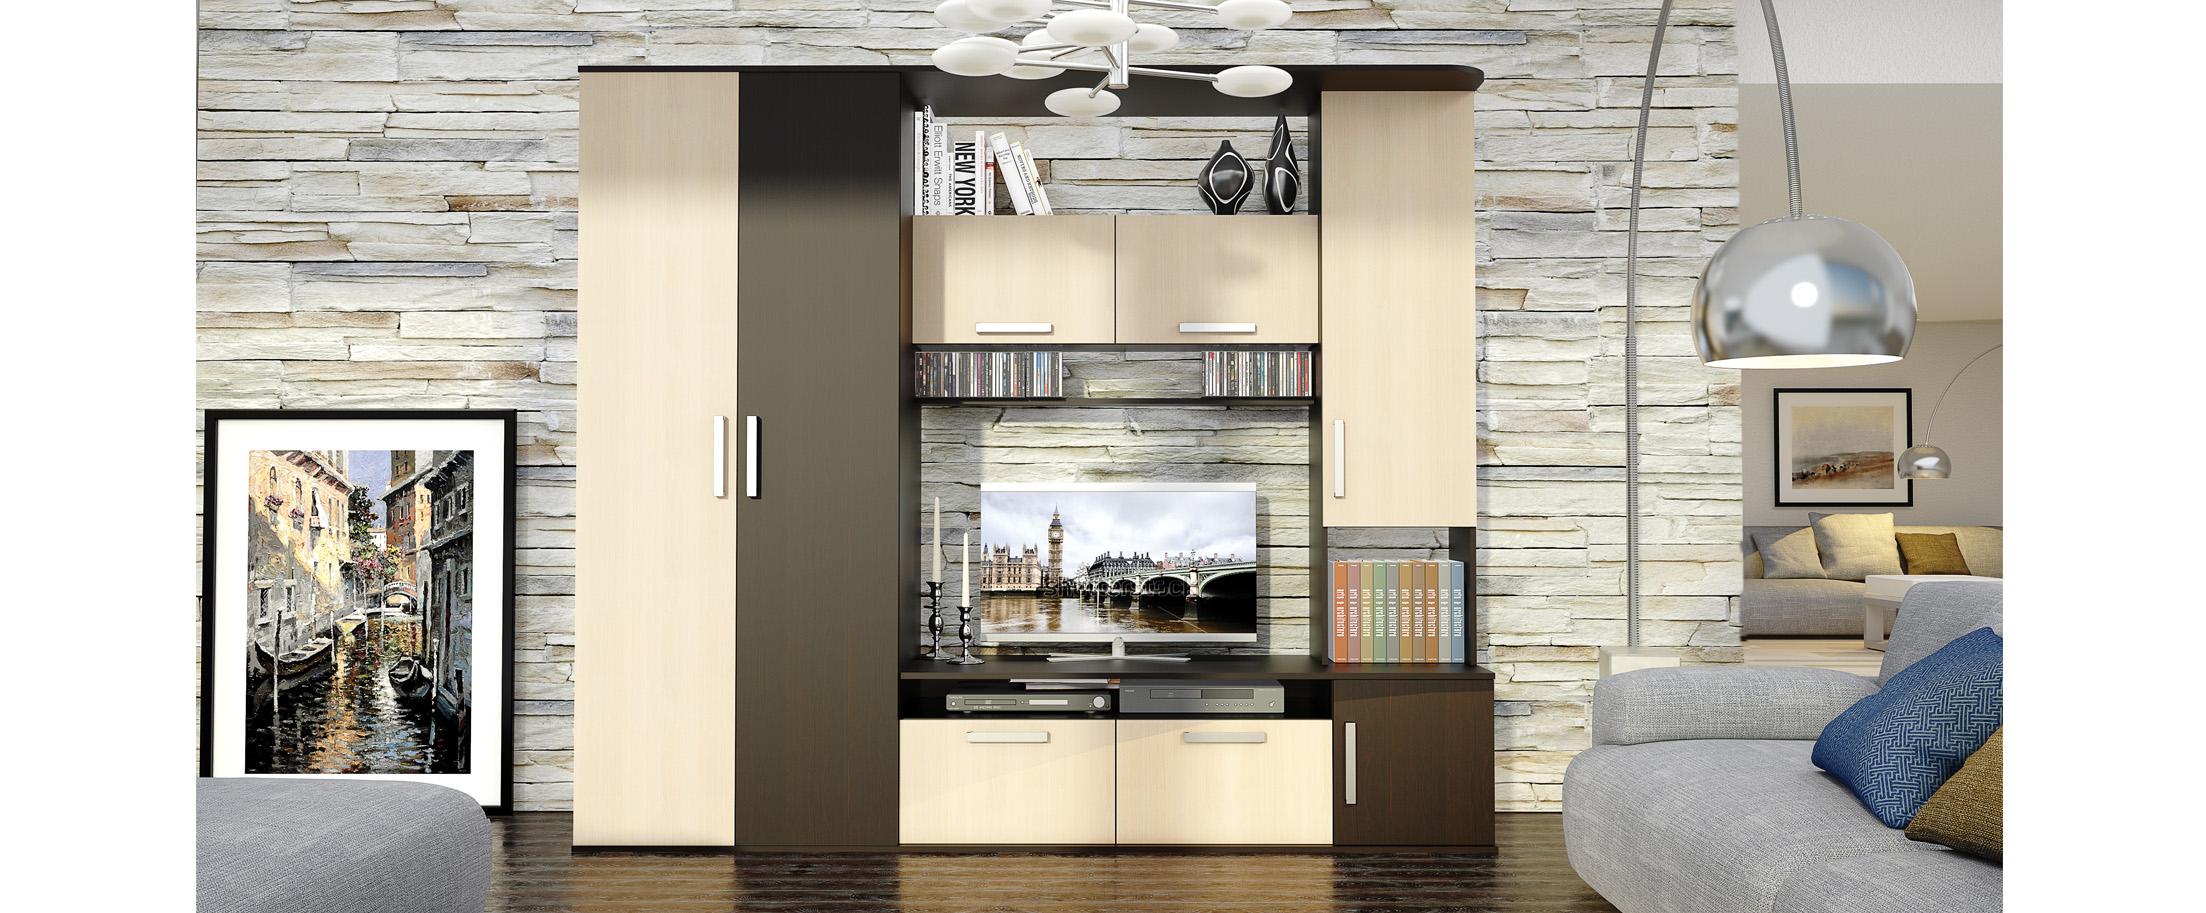 Стенка Алегро Модель 294Функциональный платяной шкаф, открытые полки для книг и сувениров, закрытые шкафчики разных форм и тумба размером 110х70 см для телевизора.<br>